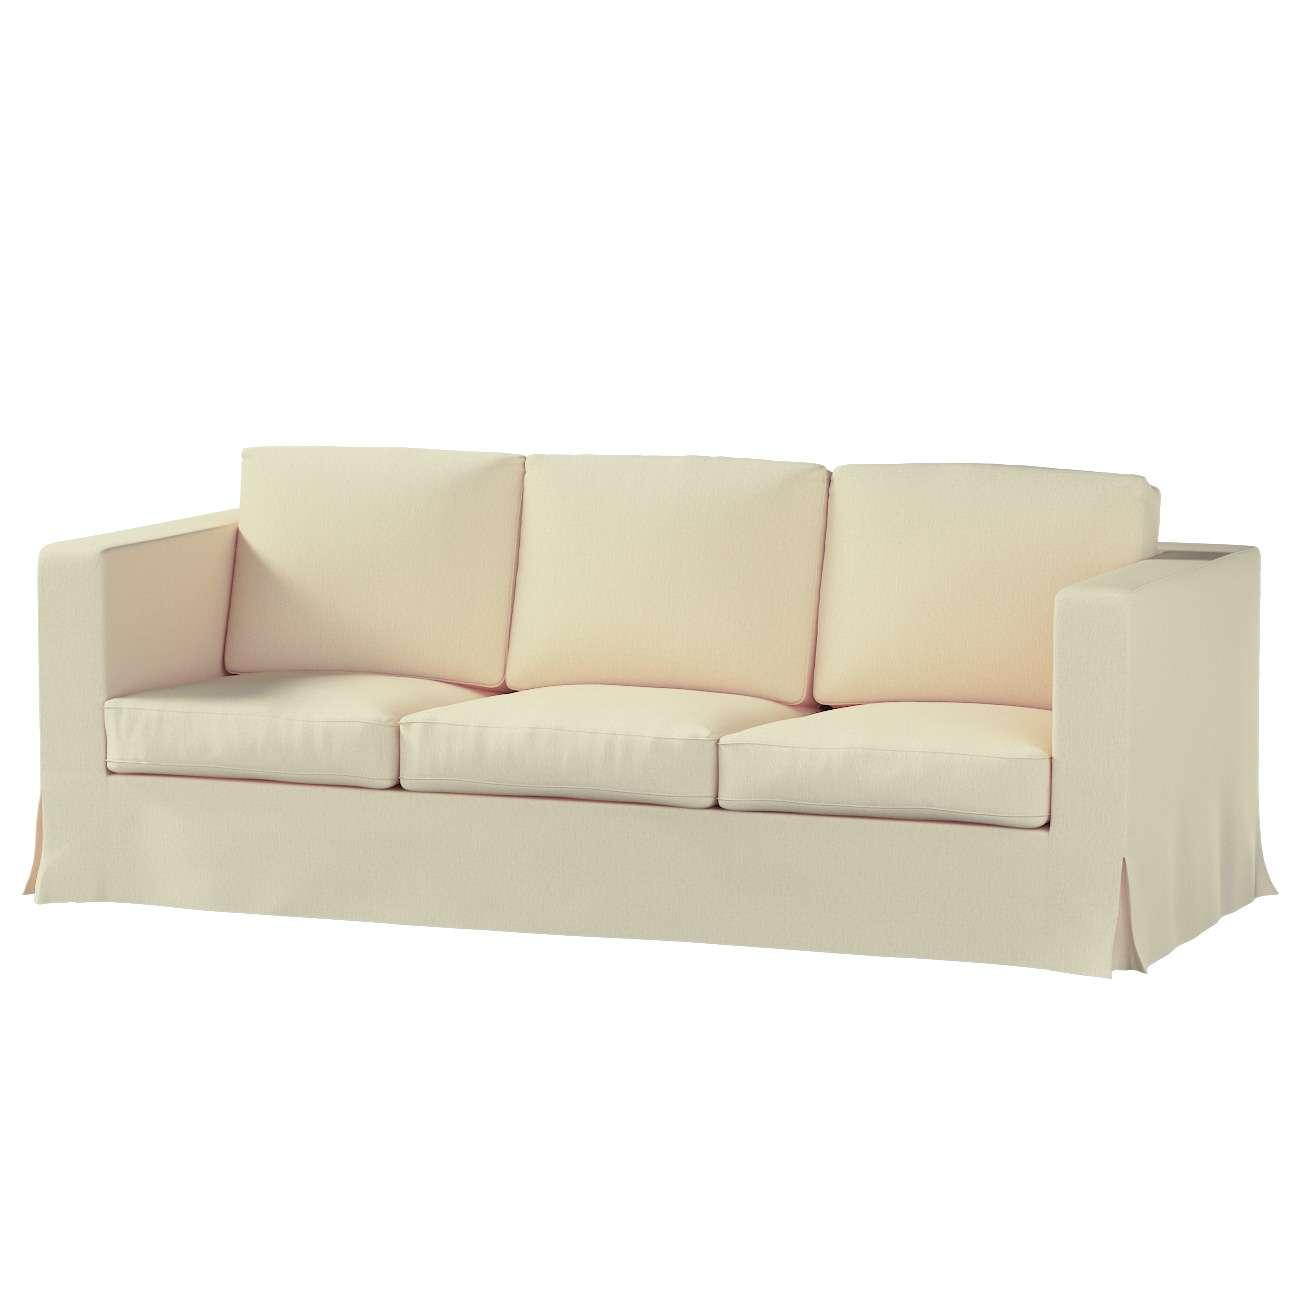 Pokrowiec na sofę Karlanda 3-osobową nierozkładaną, długi Sofa Karlanda 3-os w kolekcji Chenille, tkanina: 702-22